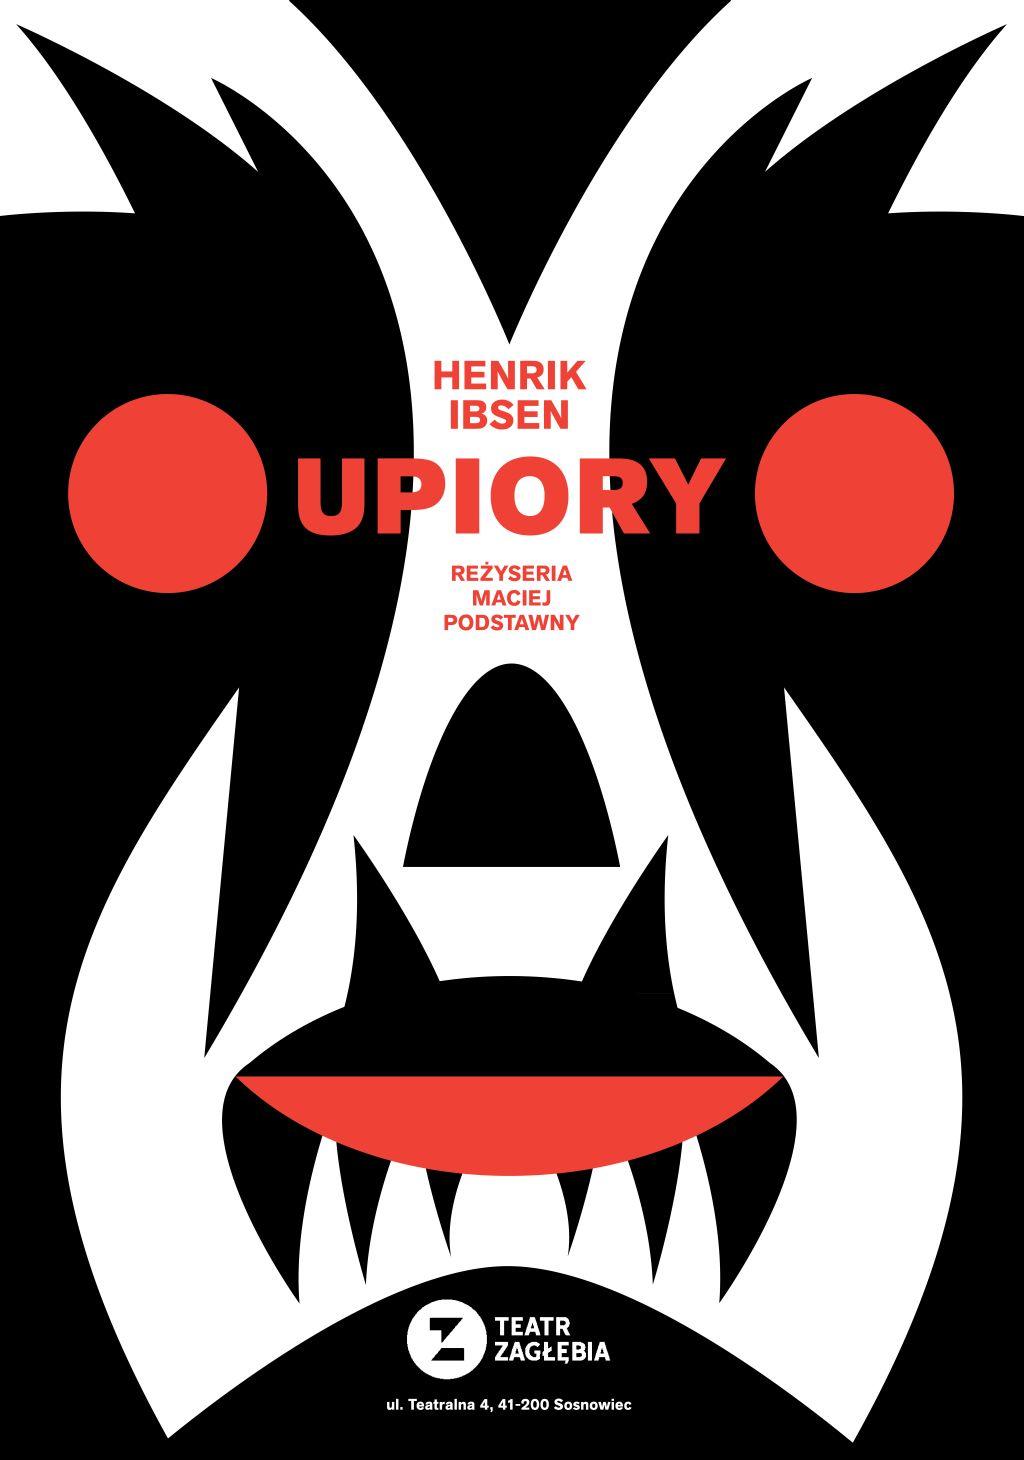 """Henryk Ibsen, """"Upiory"""", reż. Maciej Podstawny (źródło: materiały prasowe teatru)"""